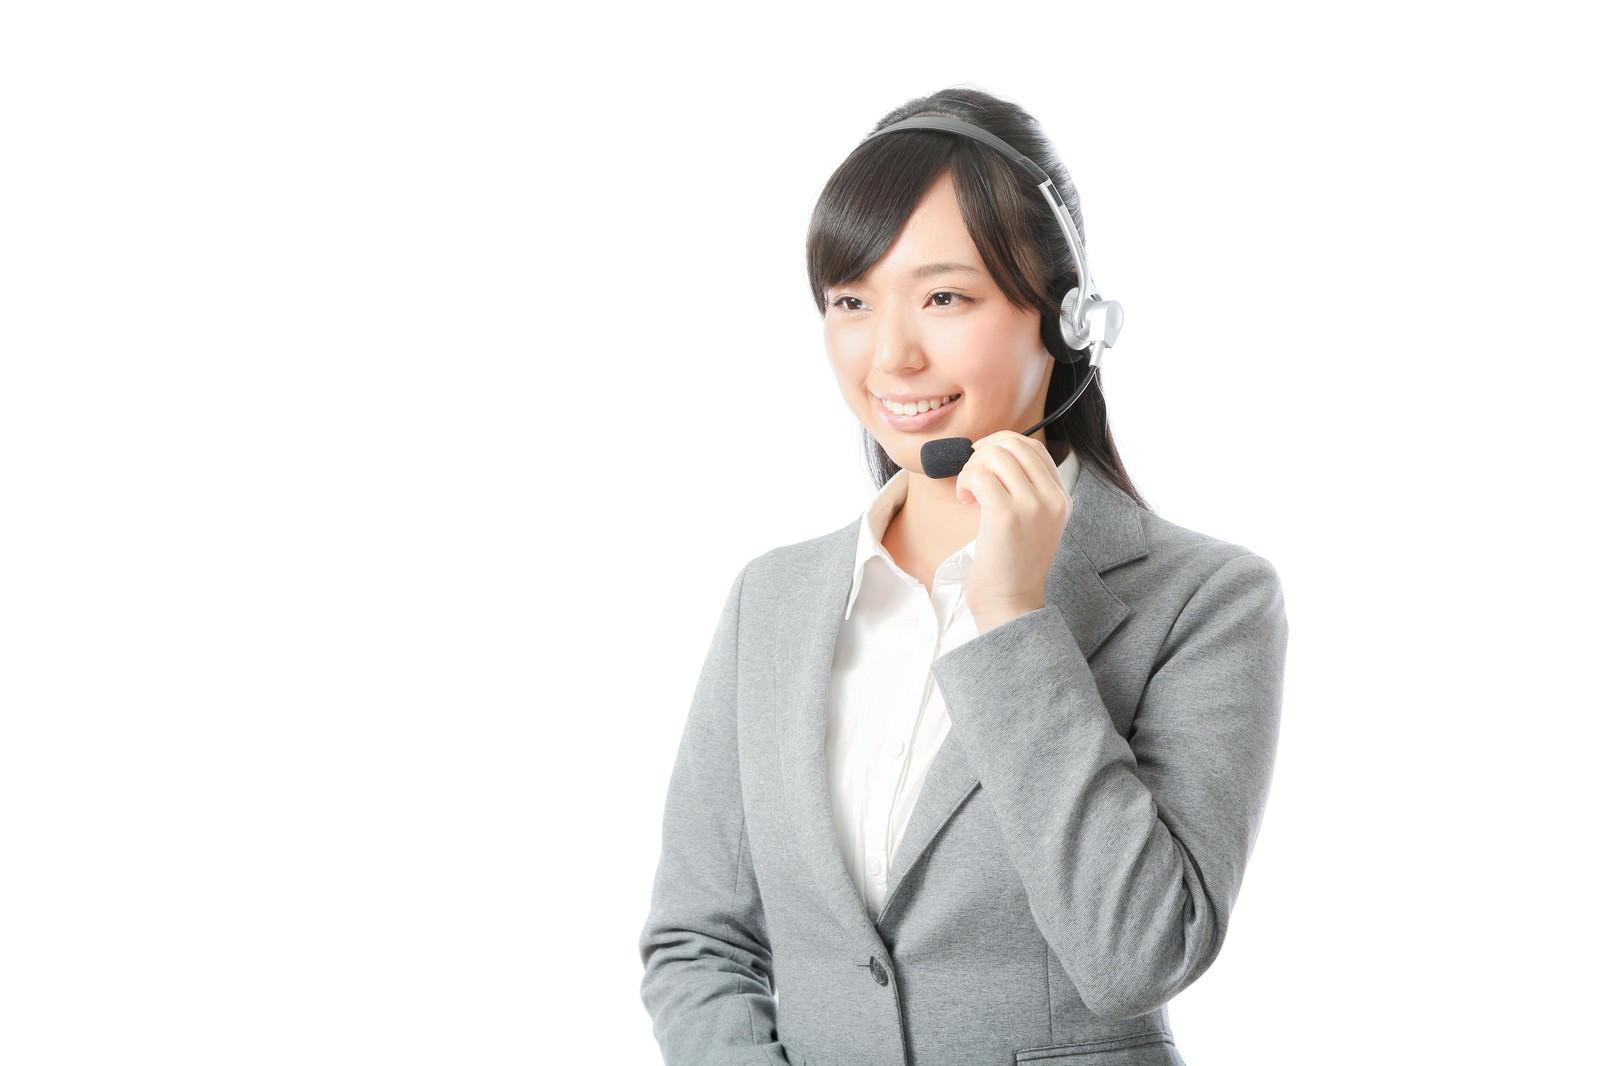 「やり手の女性コールセンターリーダー」の写真[モデル:さとうゆい]